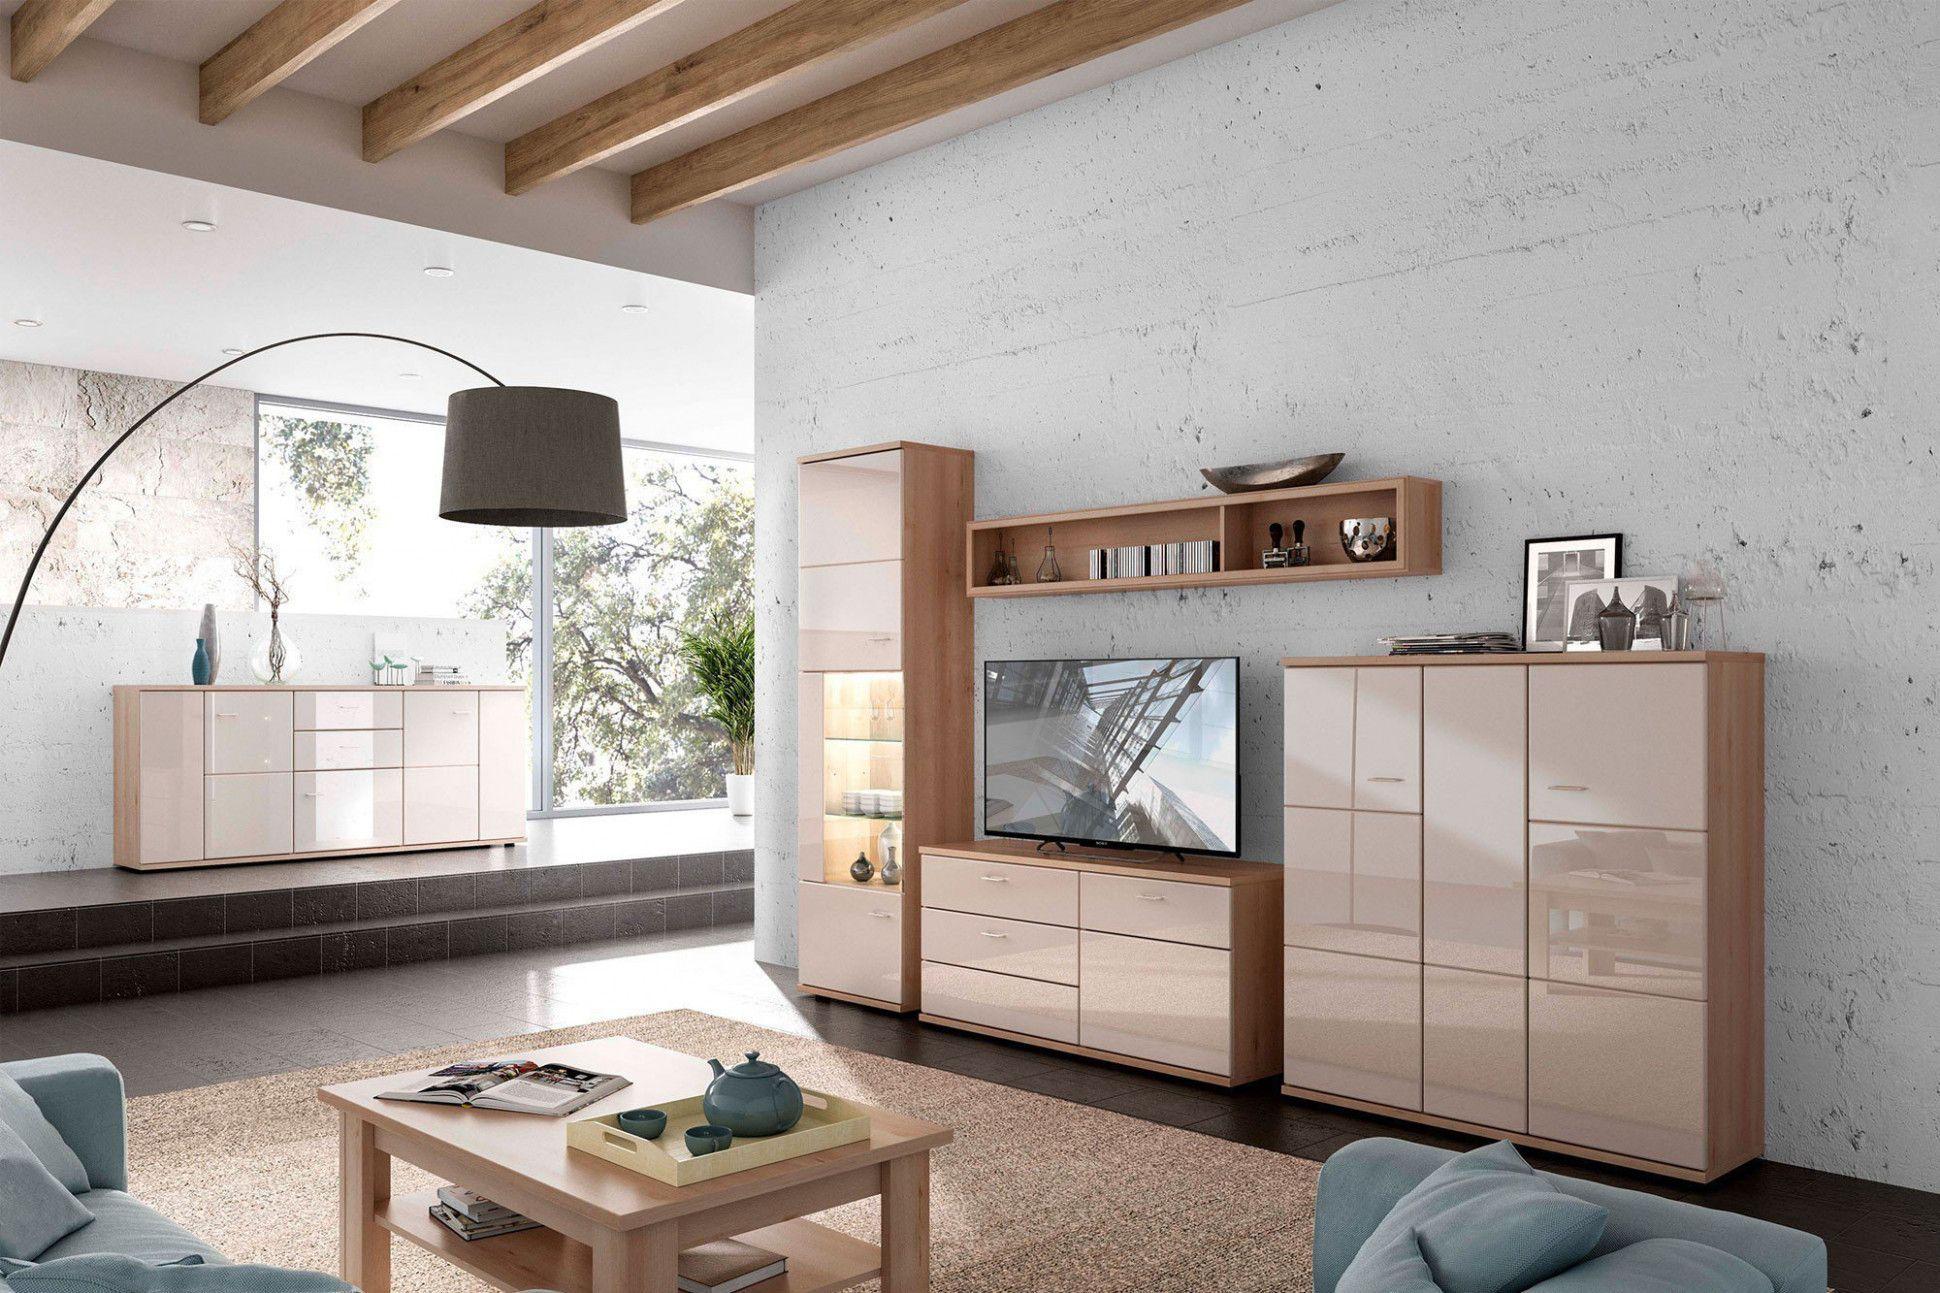 4 Wohnzimmermöbel Cappuccino in 4  Wohnzimmermöbel